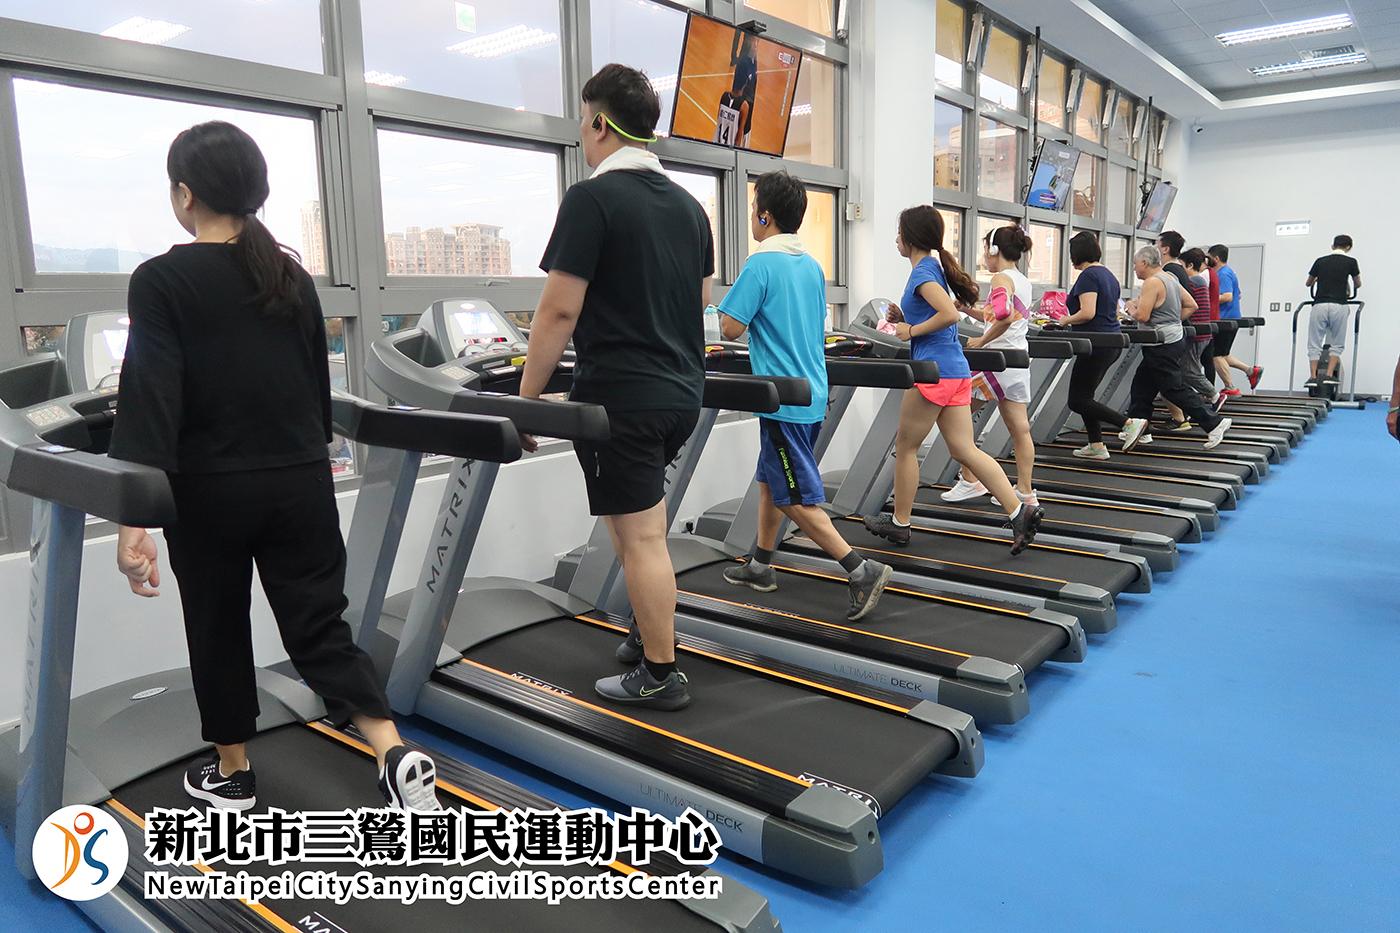 體適能中心民眾使用跑步機(jpg)